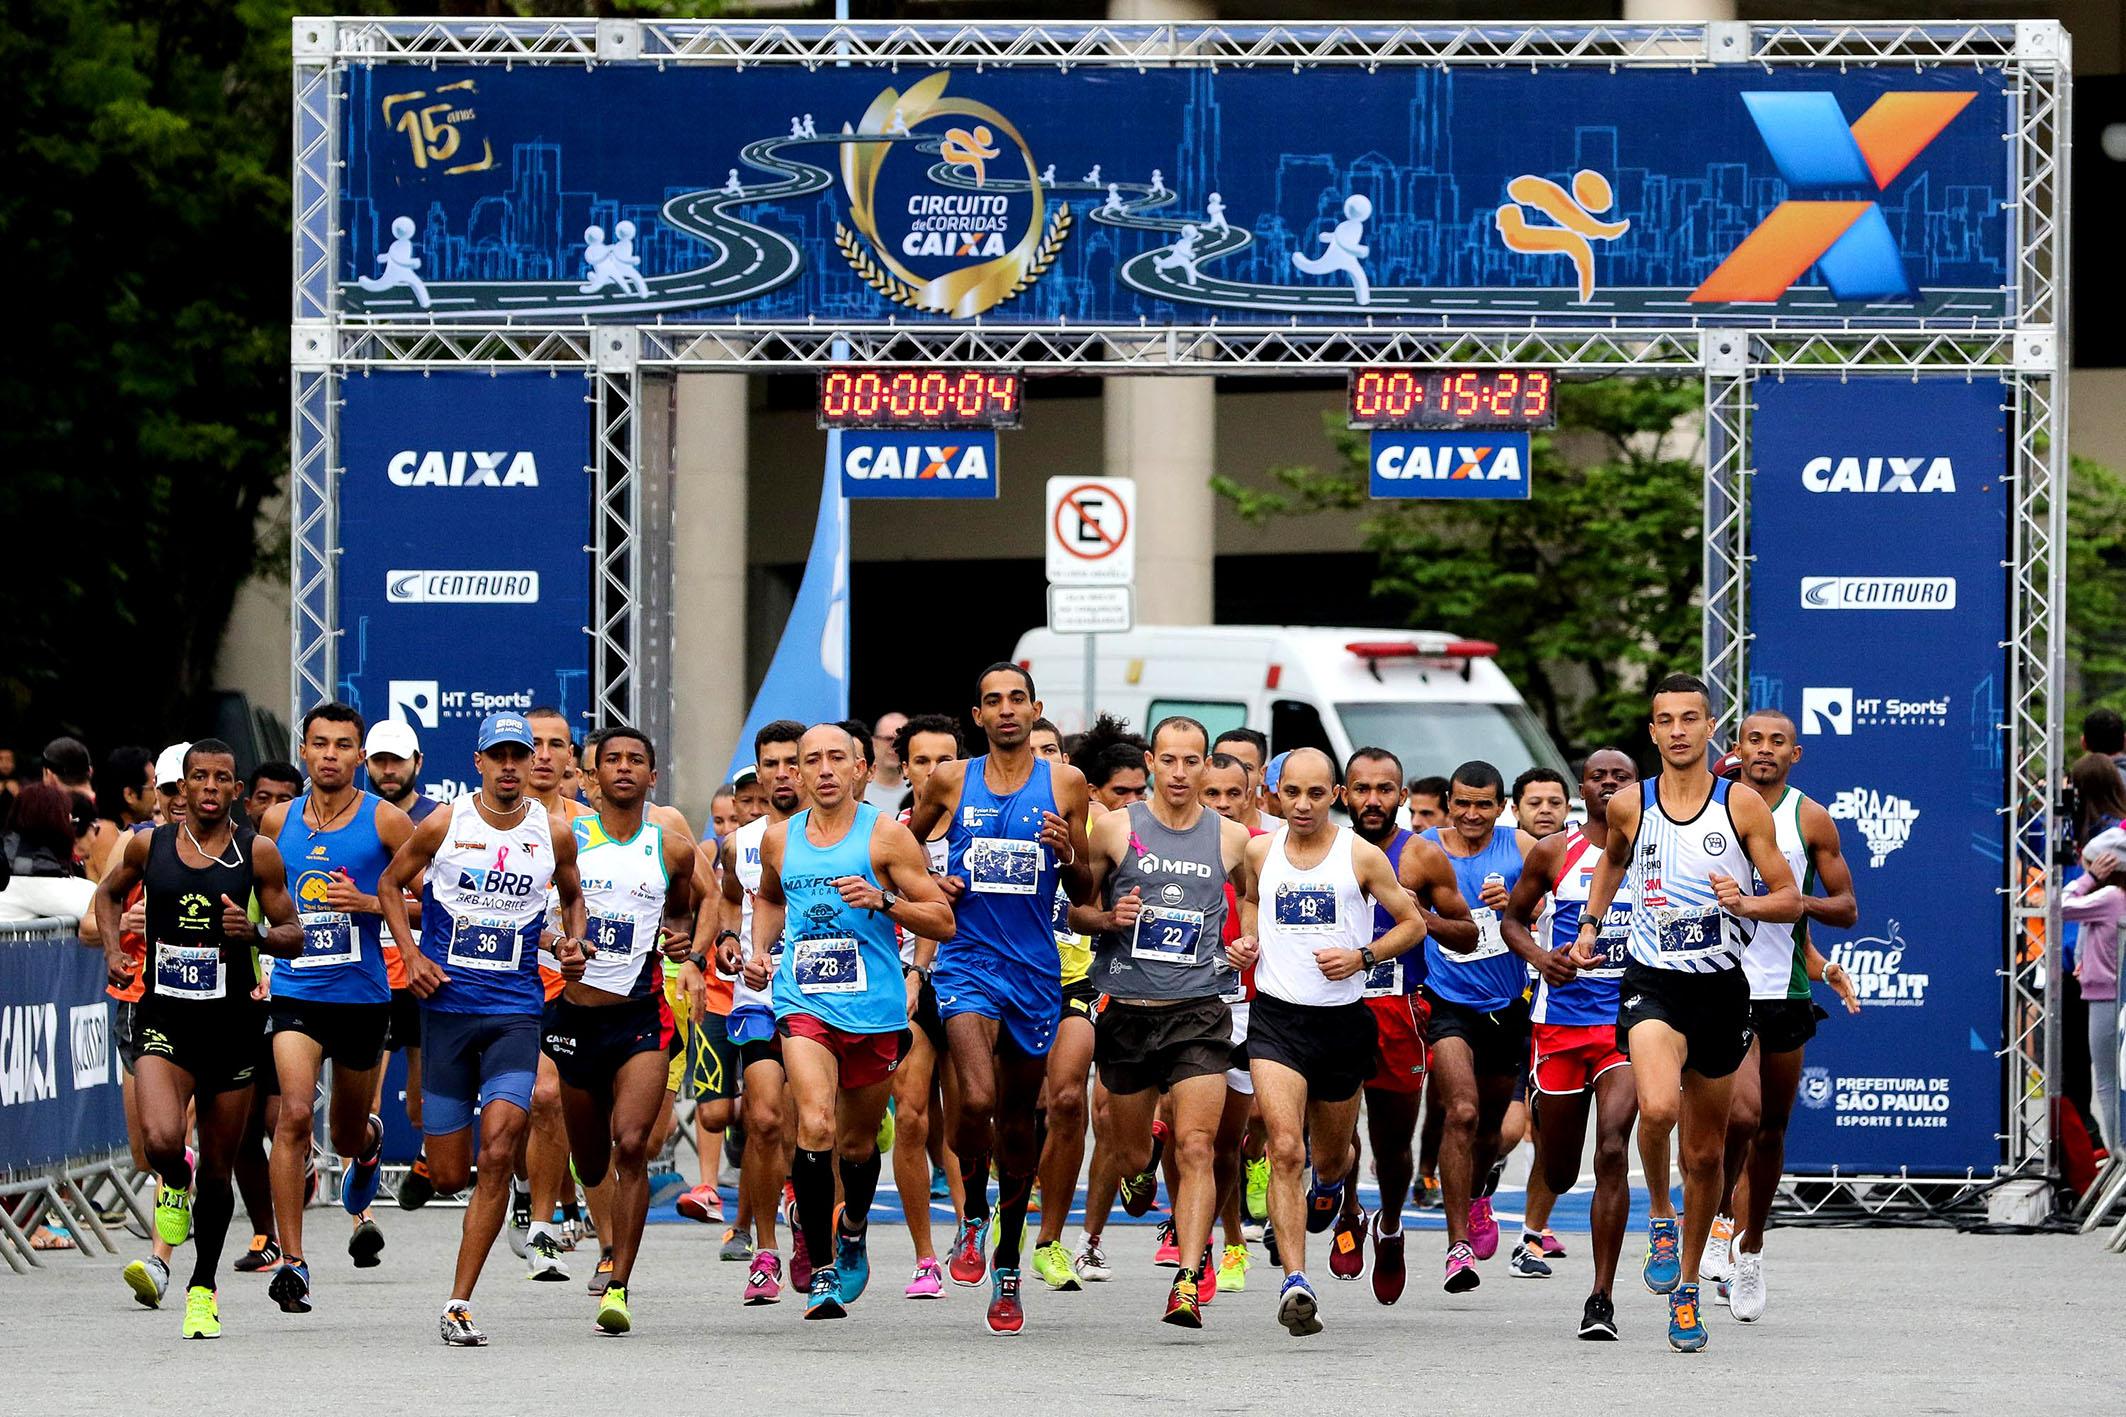 Corredores brasileiros vencem africanos na etapa São Paulo do Circuito CAIXA